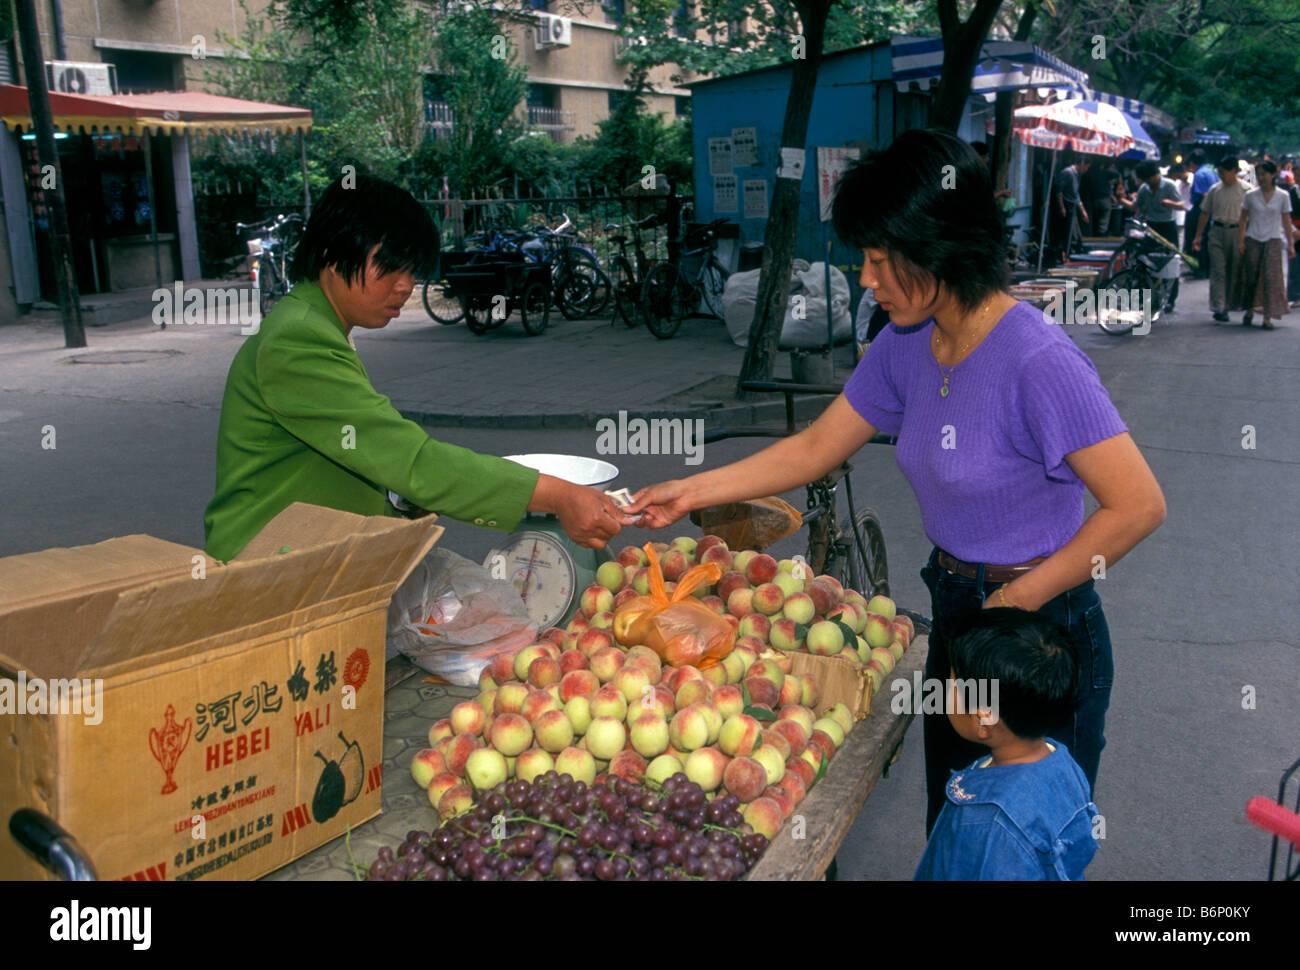 Le donne cinesi, fornitore di frutta, vendita di pesche, pesche fresche, mercati all'aperto, mercato mercato Puhuangyu, Pechino, Municipalità di Pechino, Cina, Asia Foto Stock